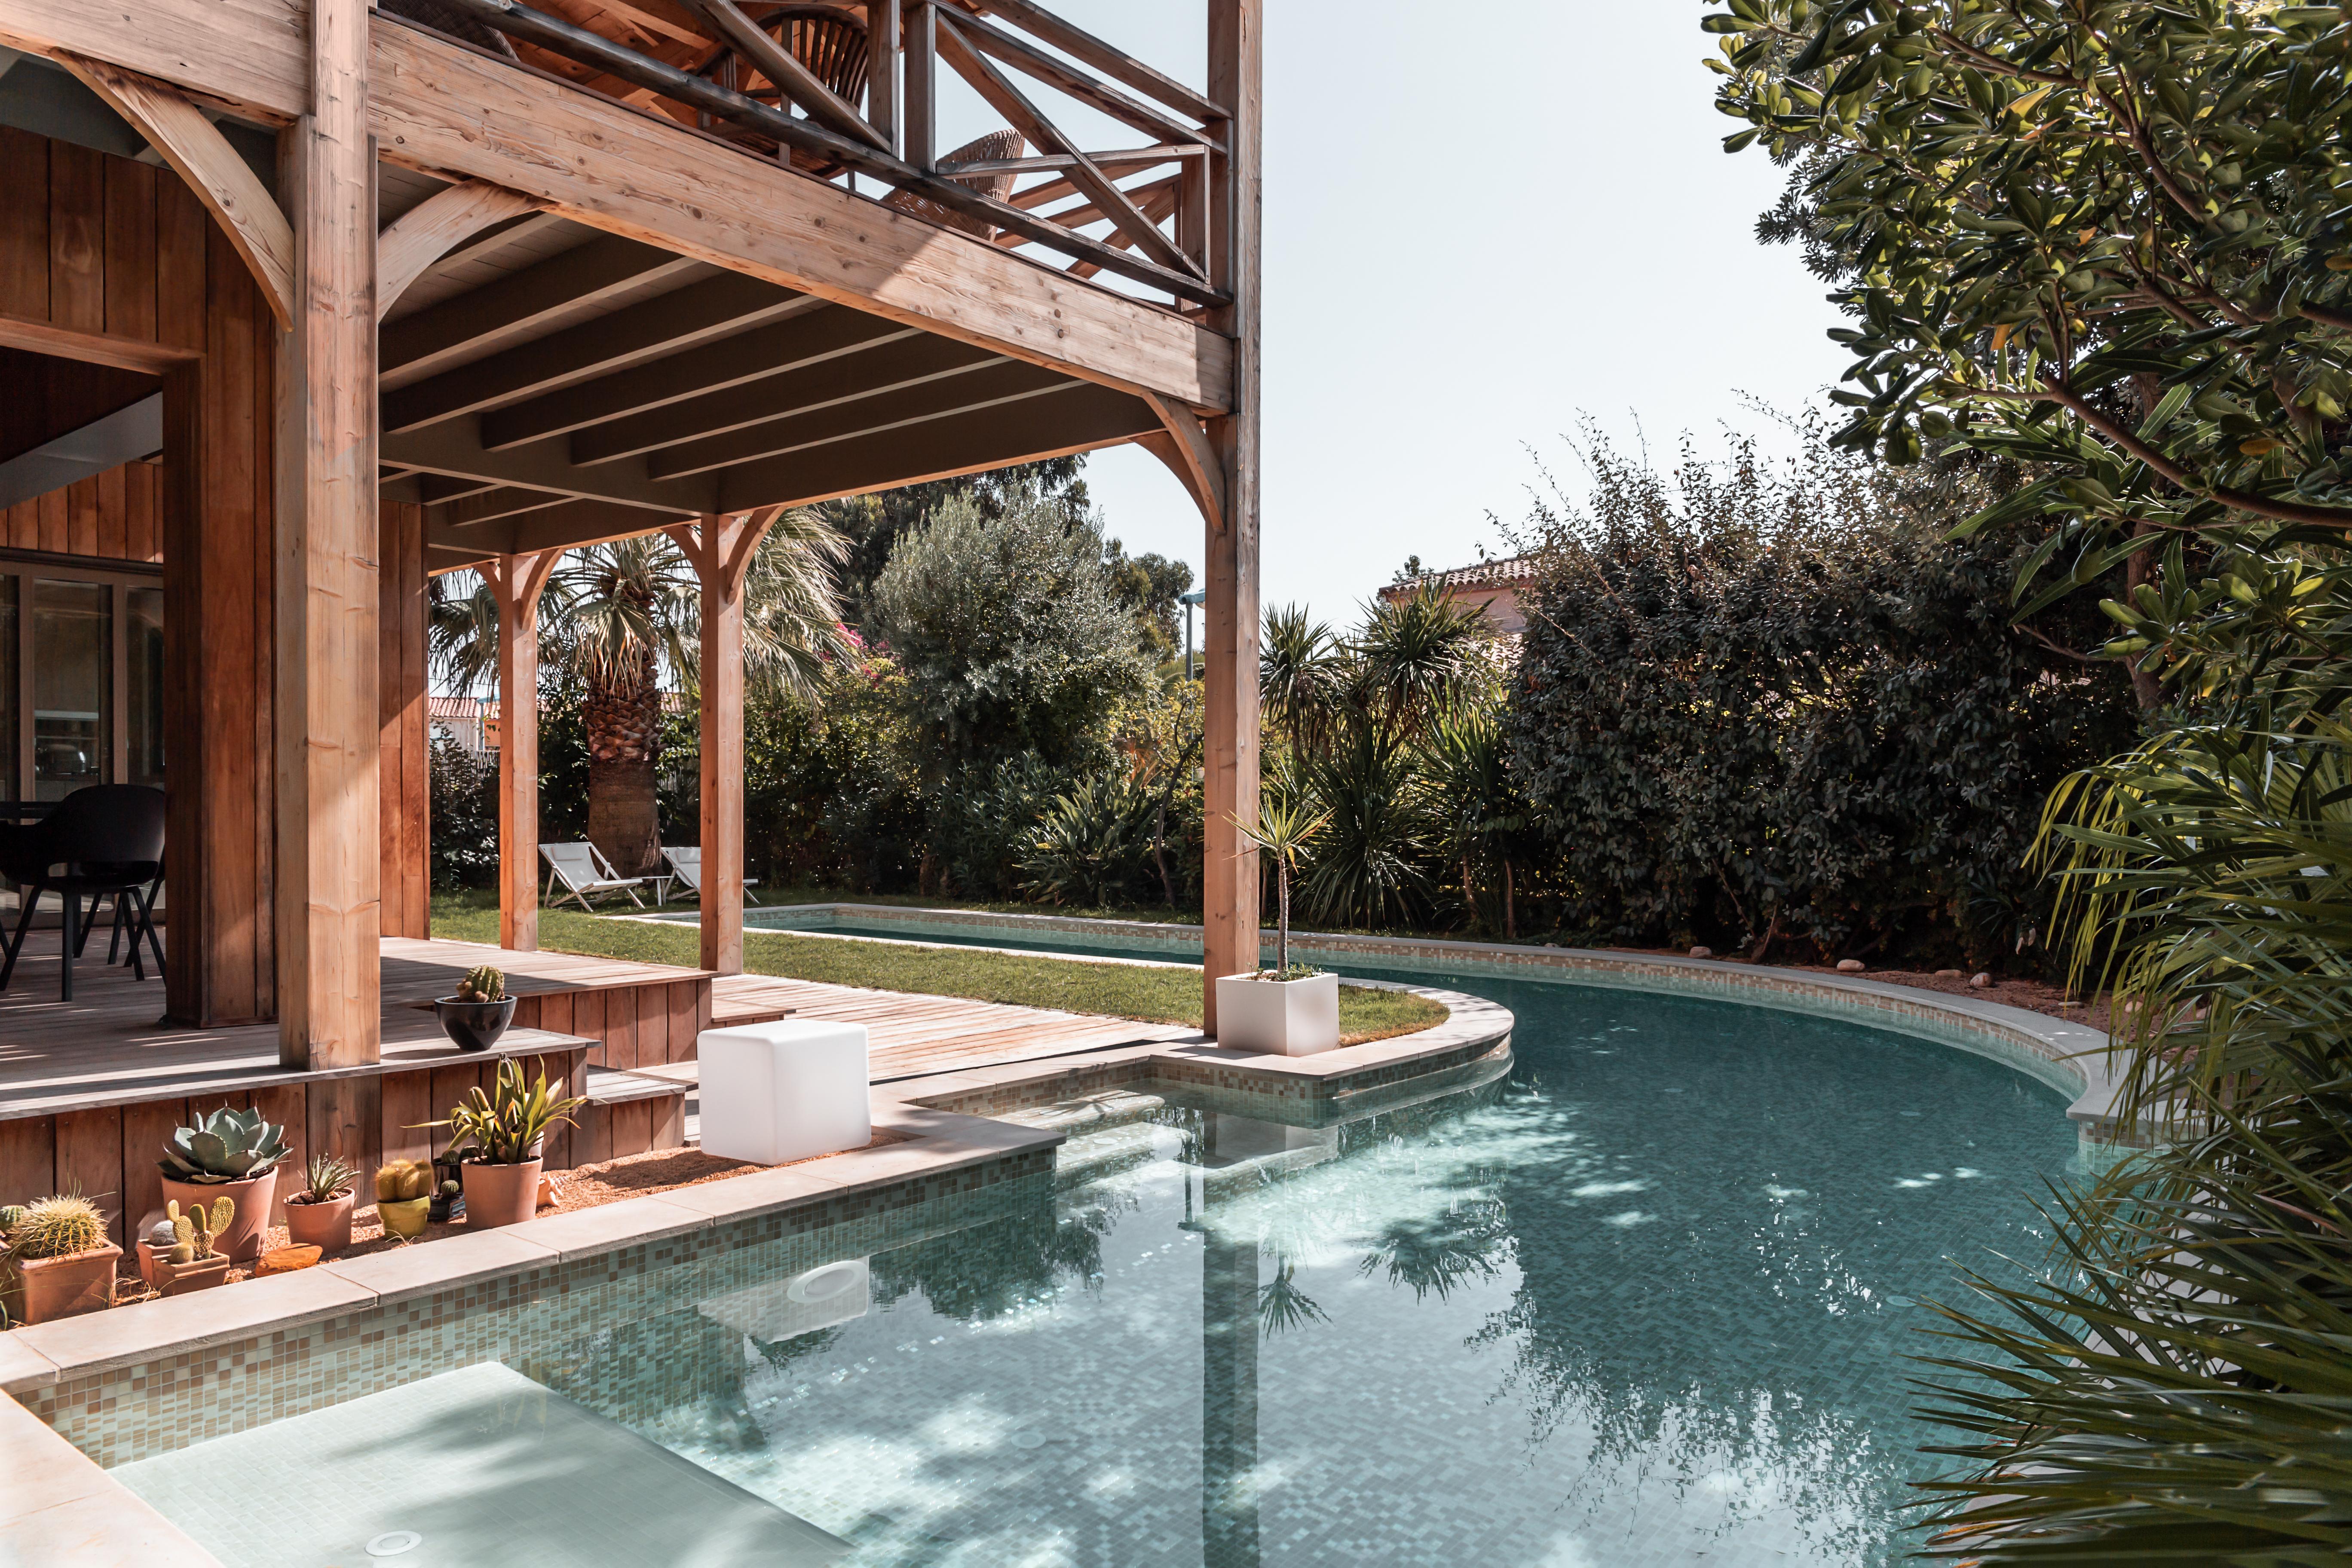 Constructeur De Piscine Paris conjoncture radieuse pour la piscine privée française